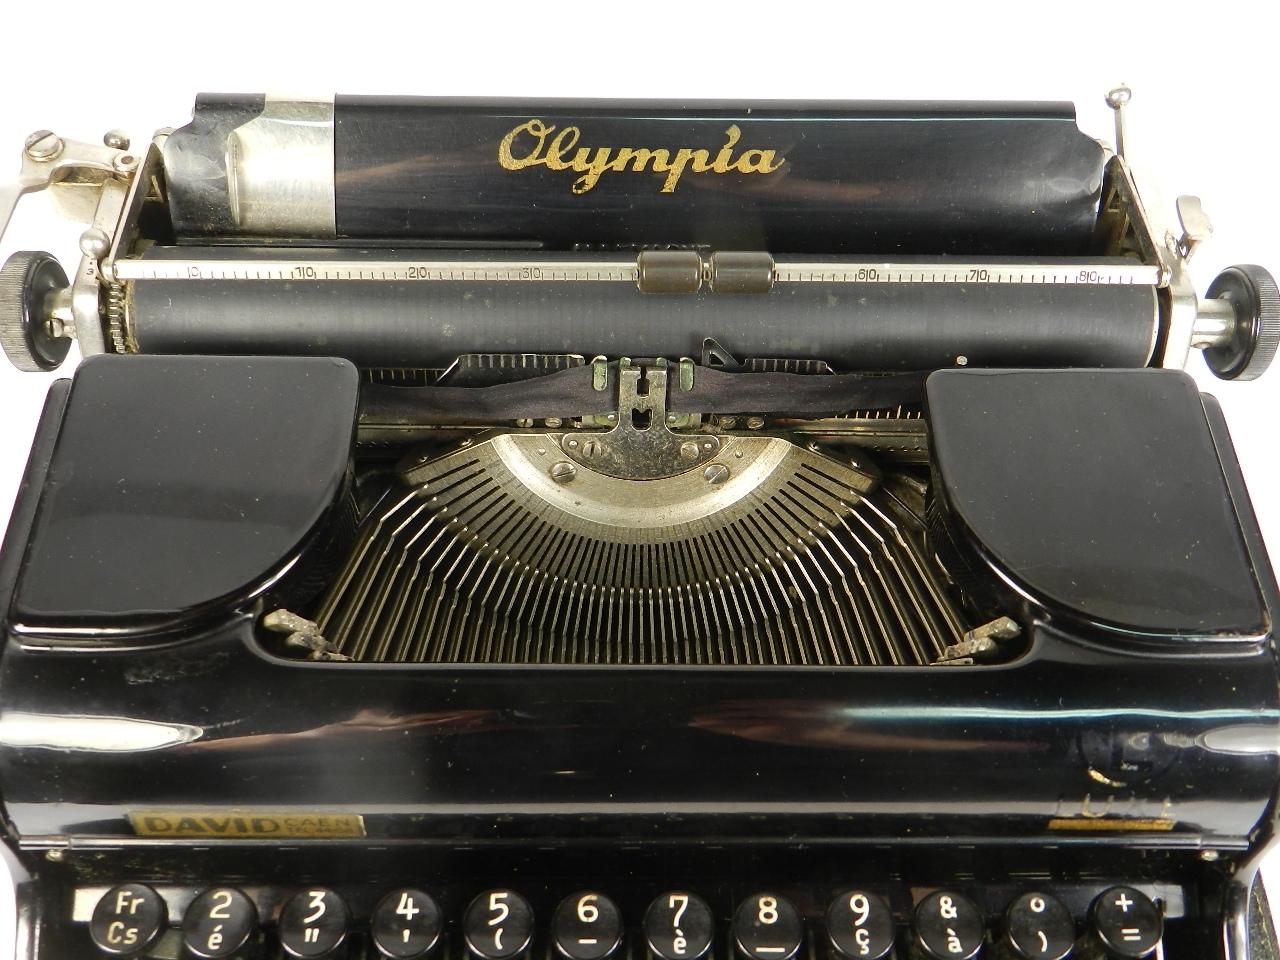 Imagen OLYMPIA DE LUXE AÑO 1935 34491